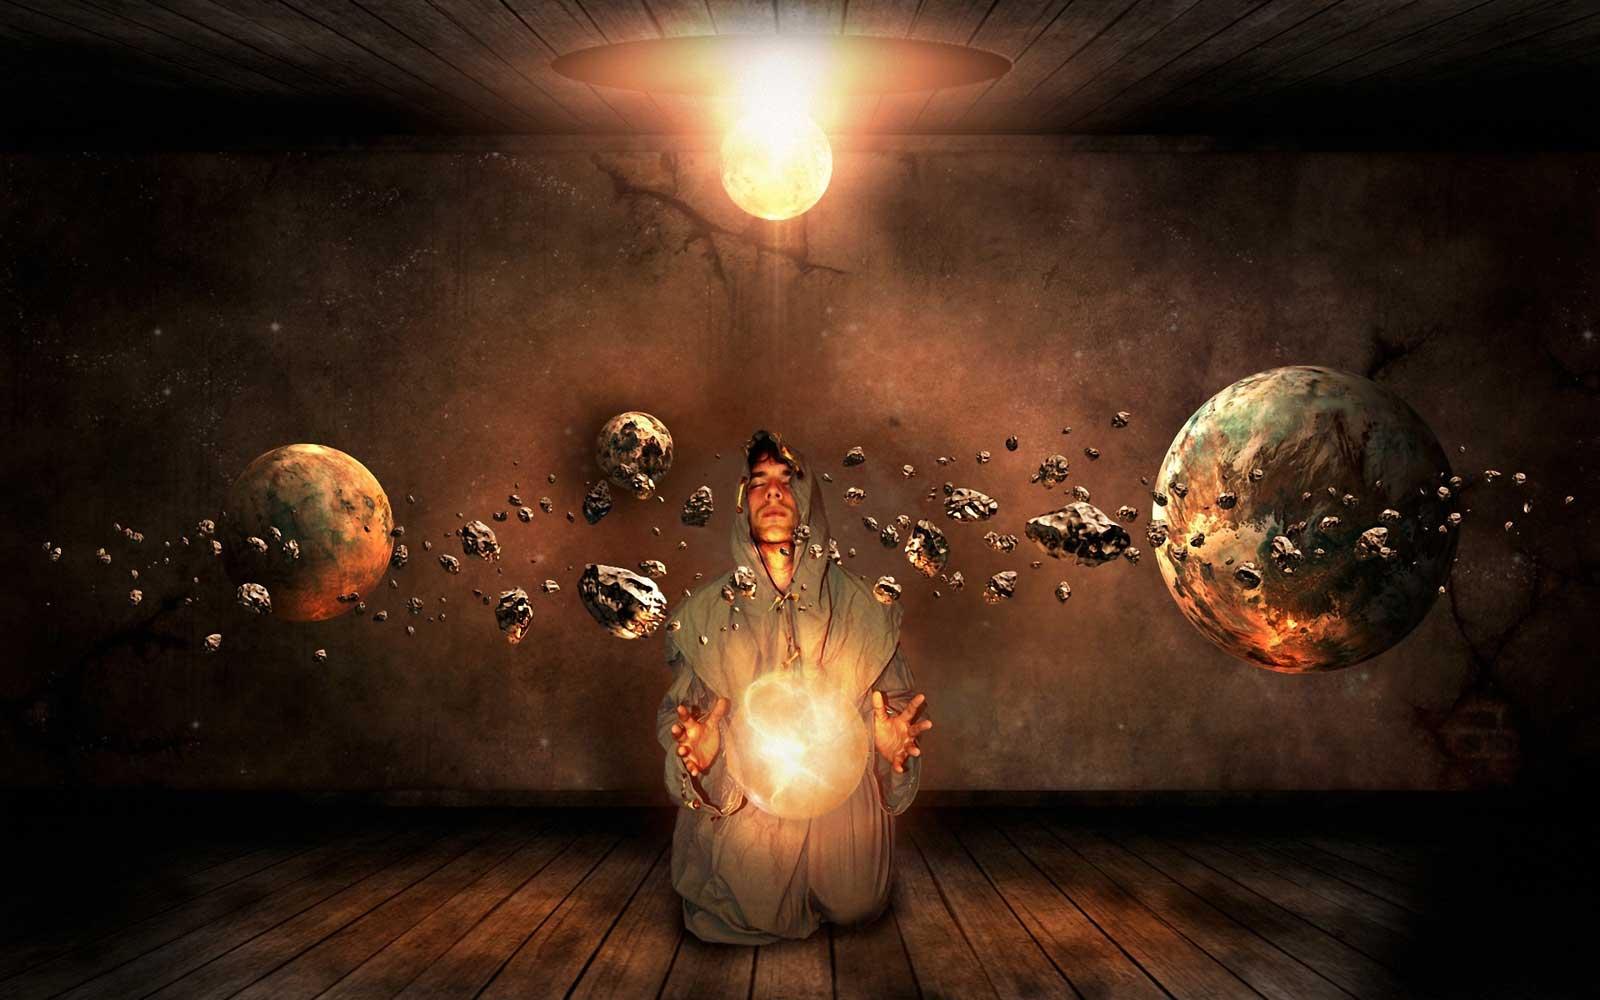 Мысли-меняющие-реальность4